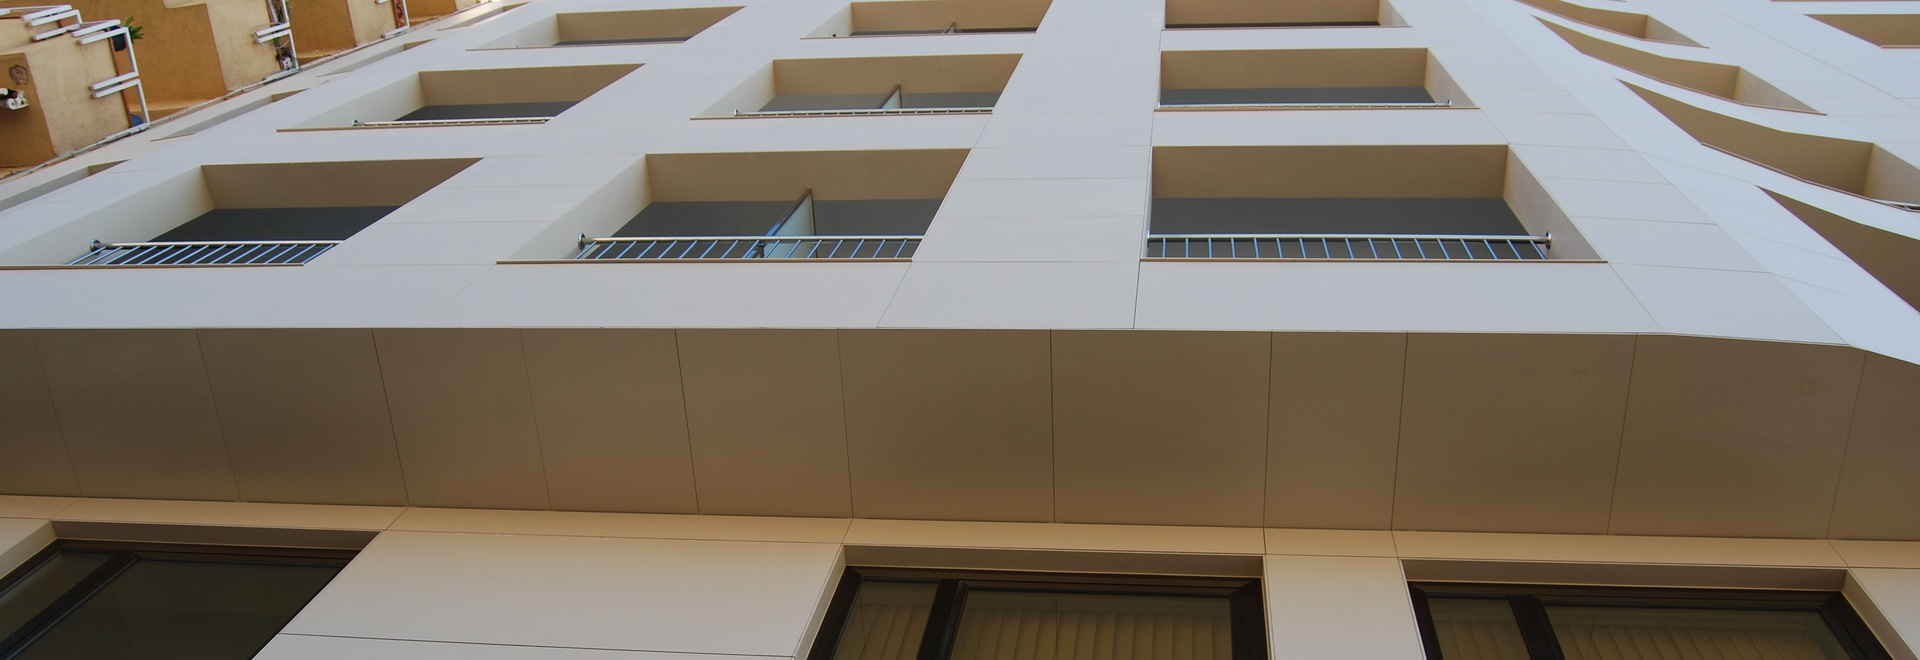 Gracias de los ahorros a las fachadas ventiladas